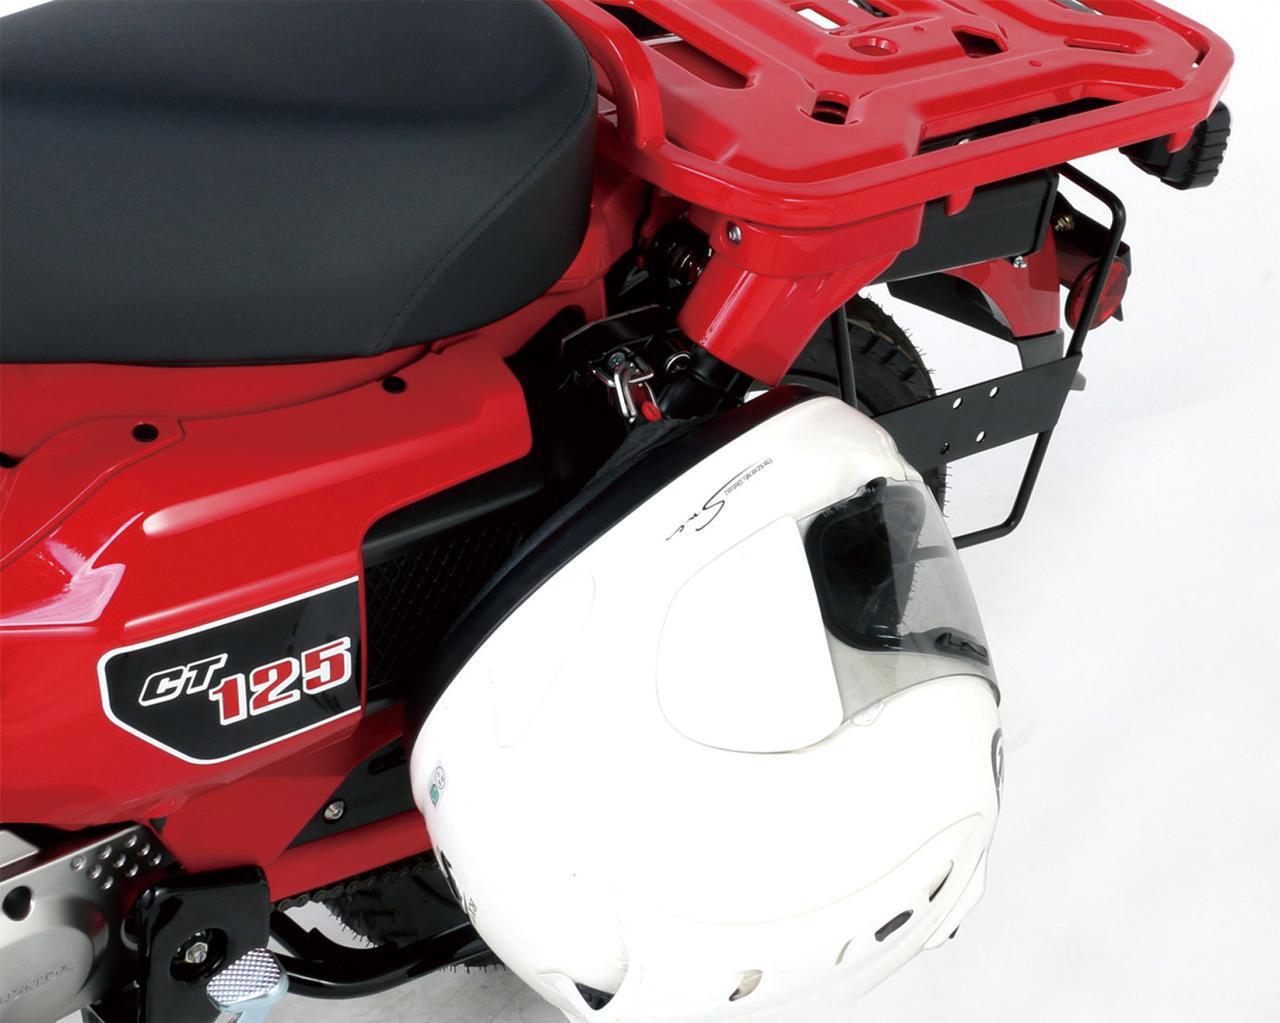 画像: ハンターカブの、シートオープンと一体になっているヘルメットロックを別体式に、使い勝手を向上させる。 価格:3520円(税込)